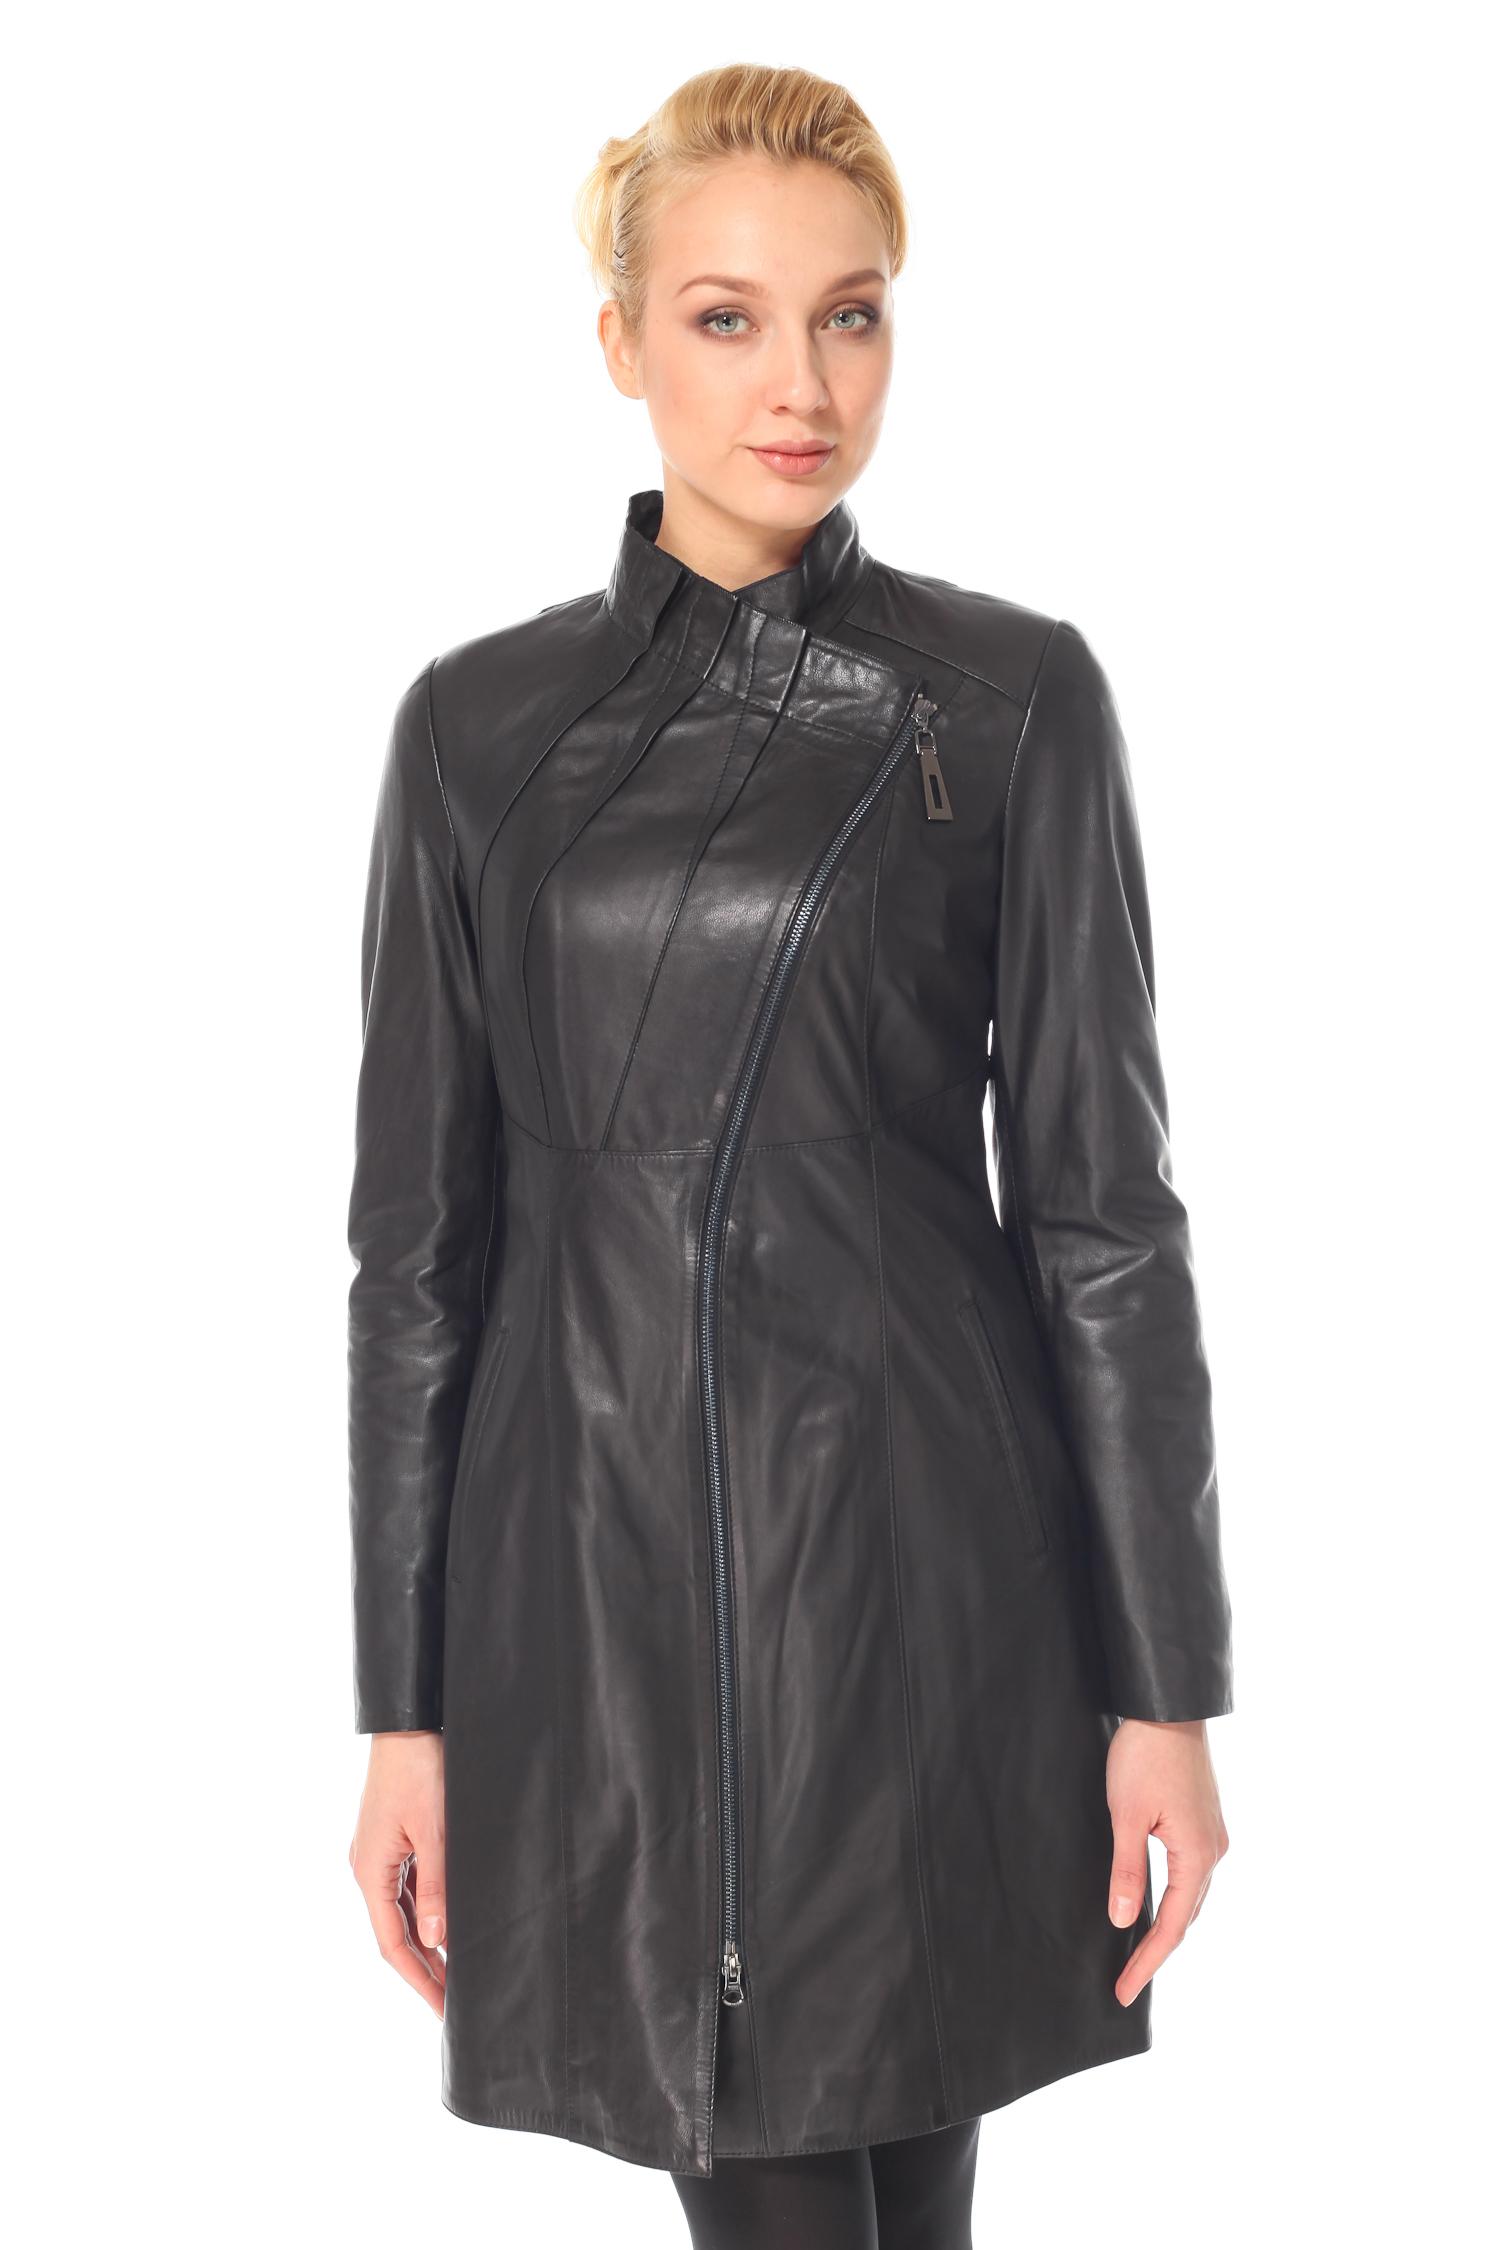 Женское кожаное пальто из натуральной кожи с воротником, без отделки<br><br>Воротник: Стойка<br>Длина см: 90<br>Материал: Натуральная кожа<br>Цвет: Черный<br>Пол: Женский